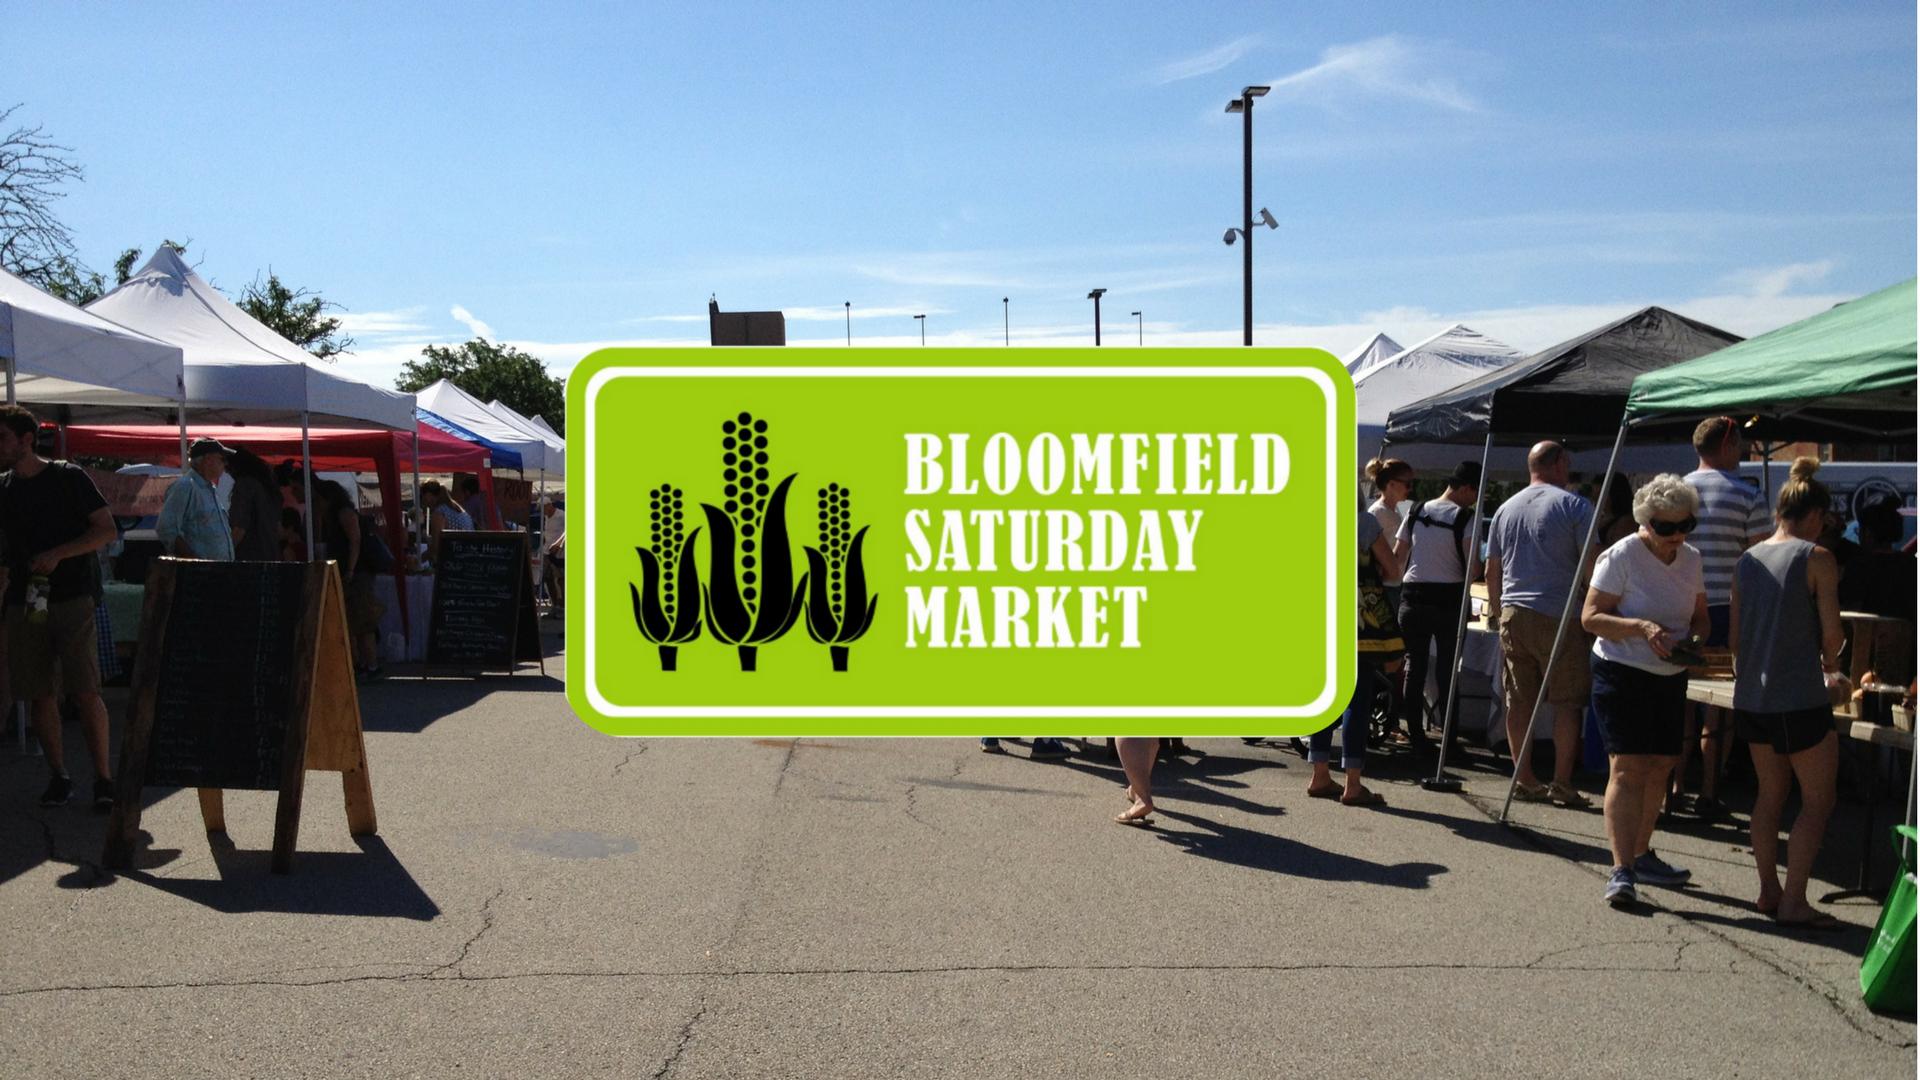 Market banner